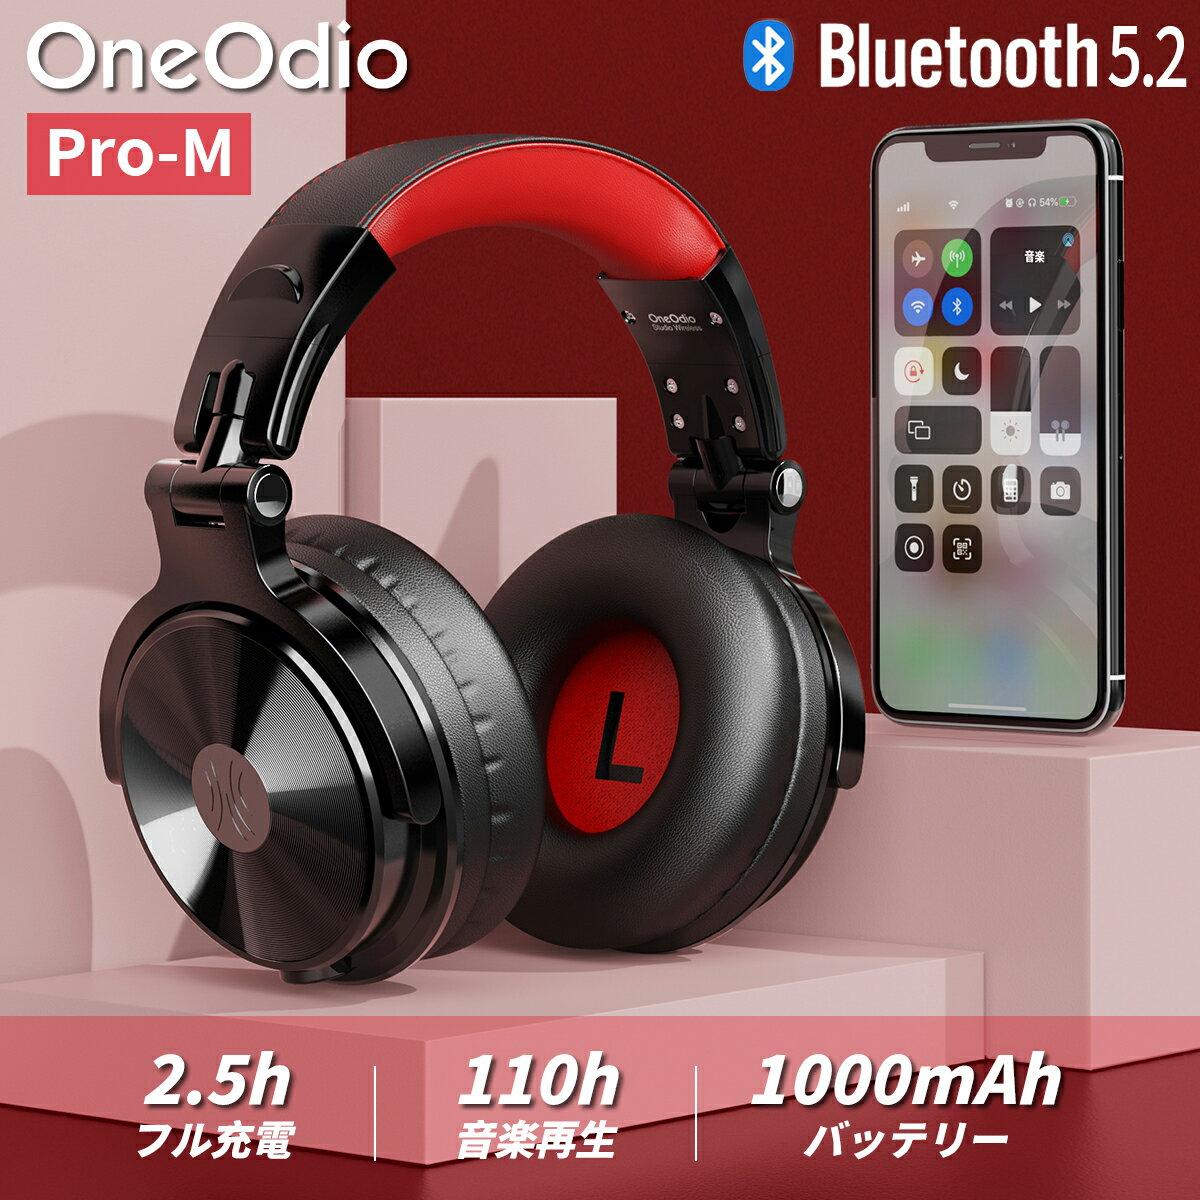 OneOdio Pro-M